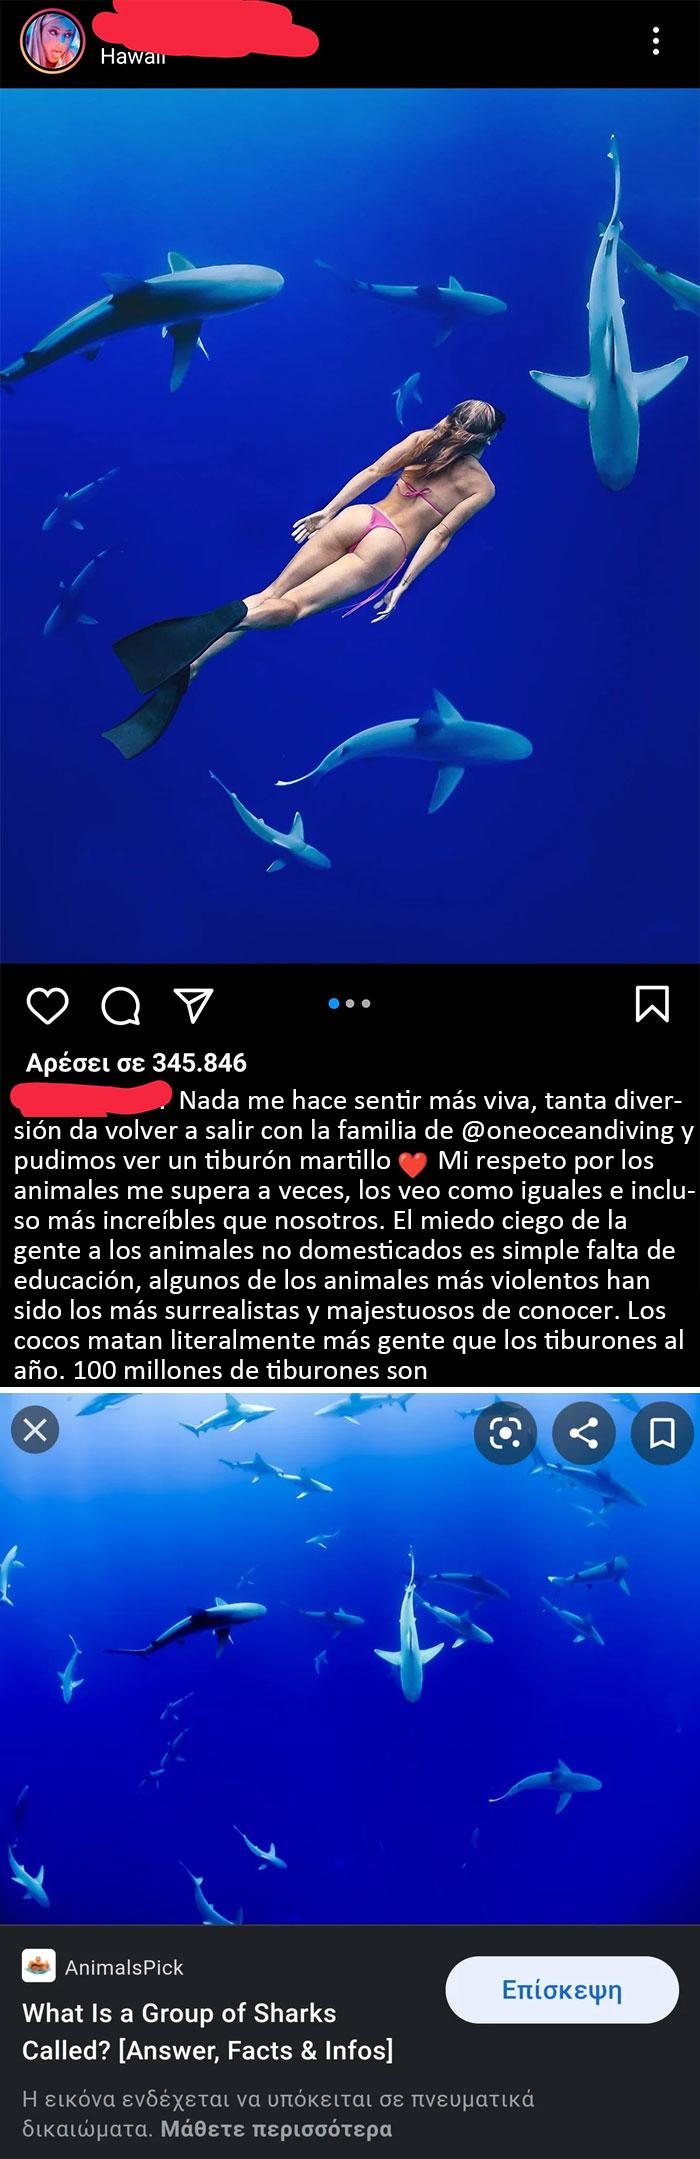 Supongo que fingir nadar con tiburones es lo último ahora, robando descaradamente una imagen de fondo de Internet